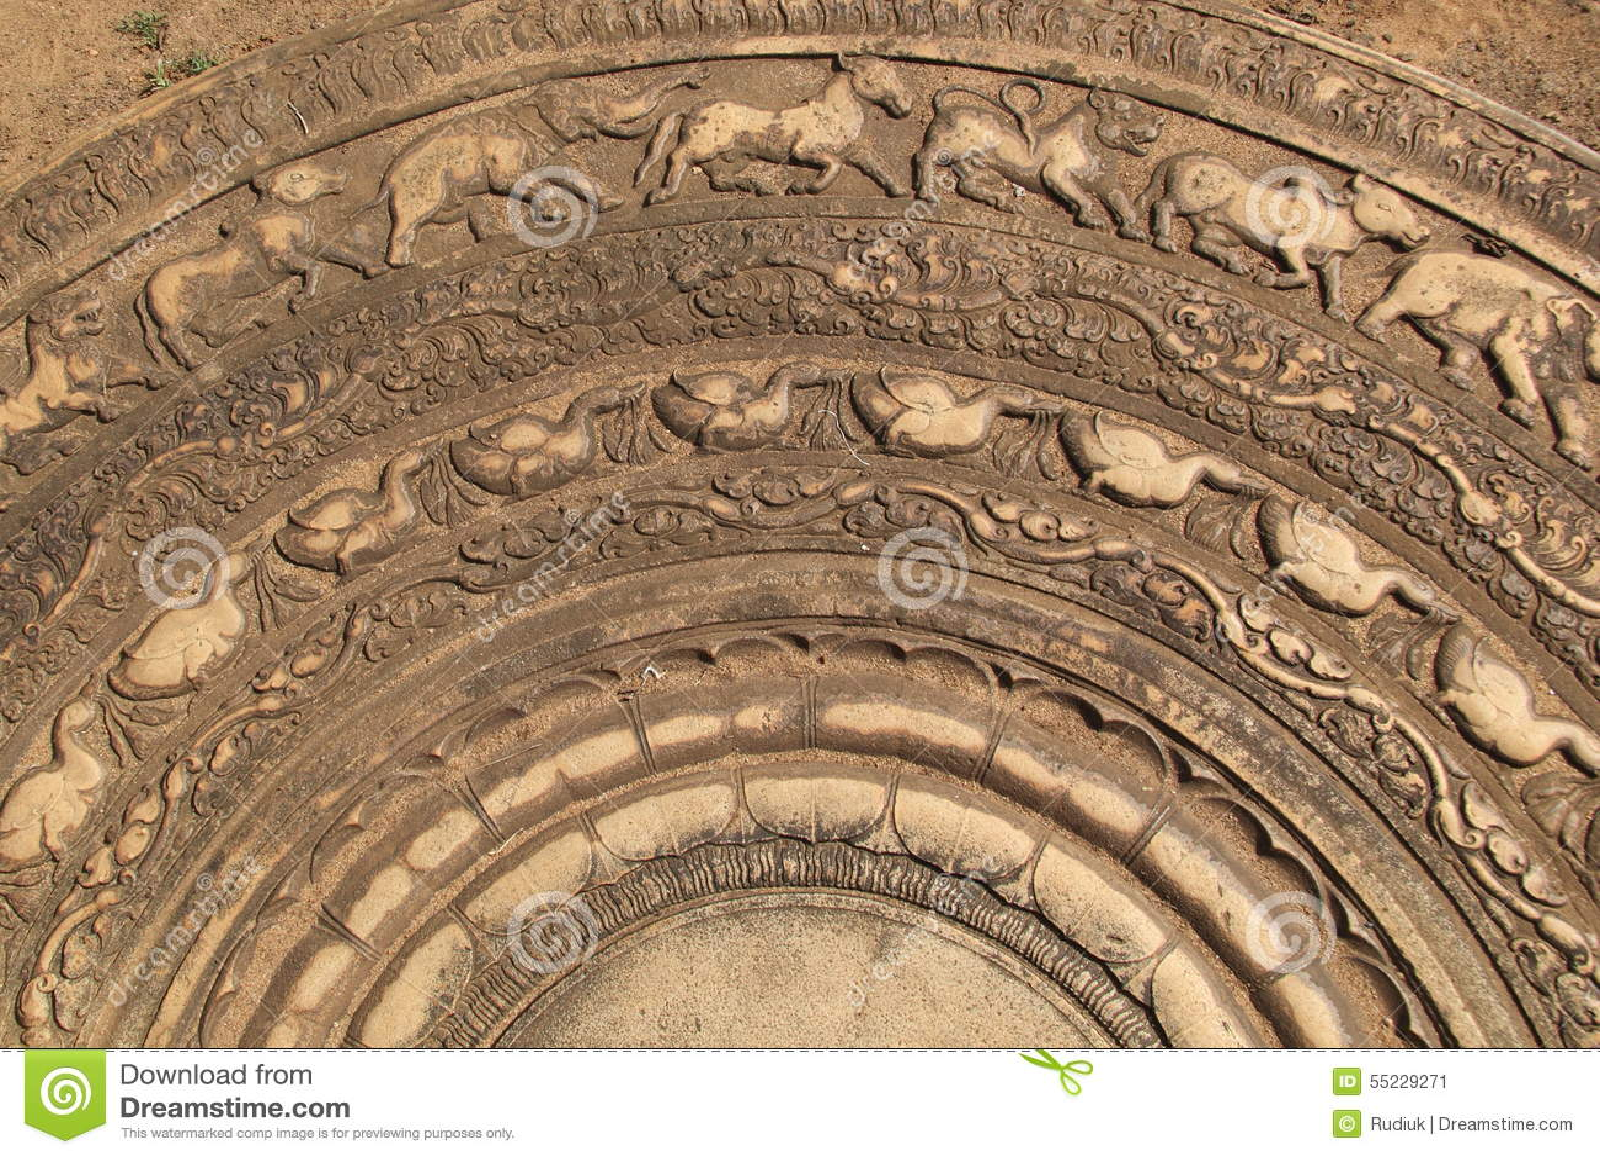 Carved moonstone in sri lanka stock image